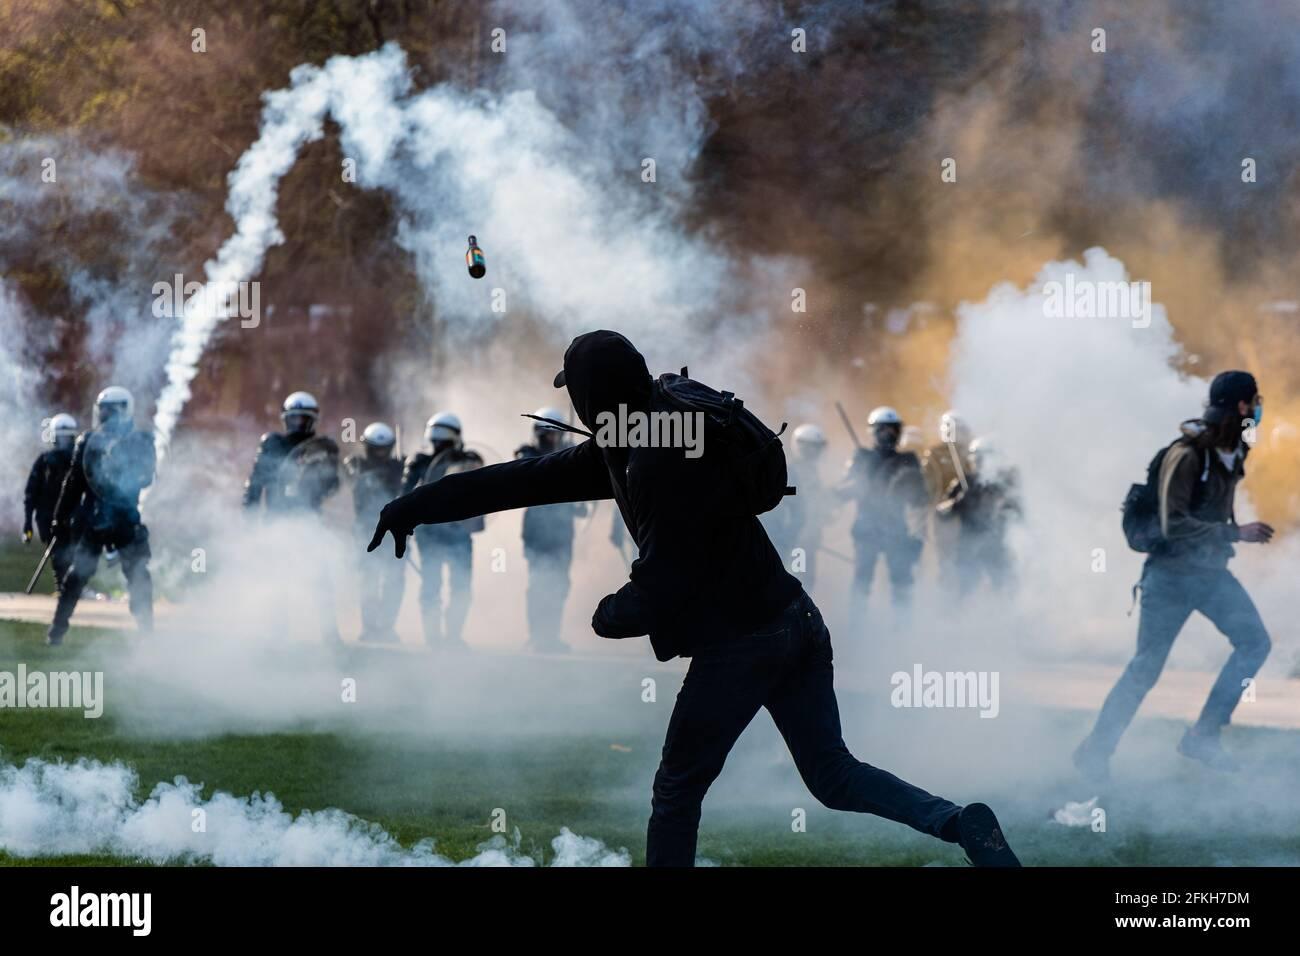 Bruxelles, Belgio. 1 maggio 2021. Protesta contro le misure sanitarie e le parti selvagge per il primo di maggio chiamato ''la Boum 2'' un mese dopo ''la Boum 1''' a Bruxelles, la distanza sociale è stata raramente rispettata e l'uso di maschere anche, un sacco di tensione e violenza tra polizia e dimostranti. (Immagine di credito: © Arnaud Brian via cavo) Foto Stock